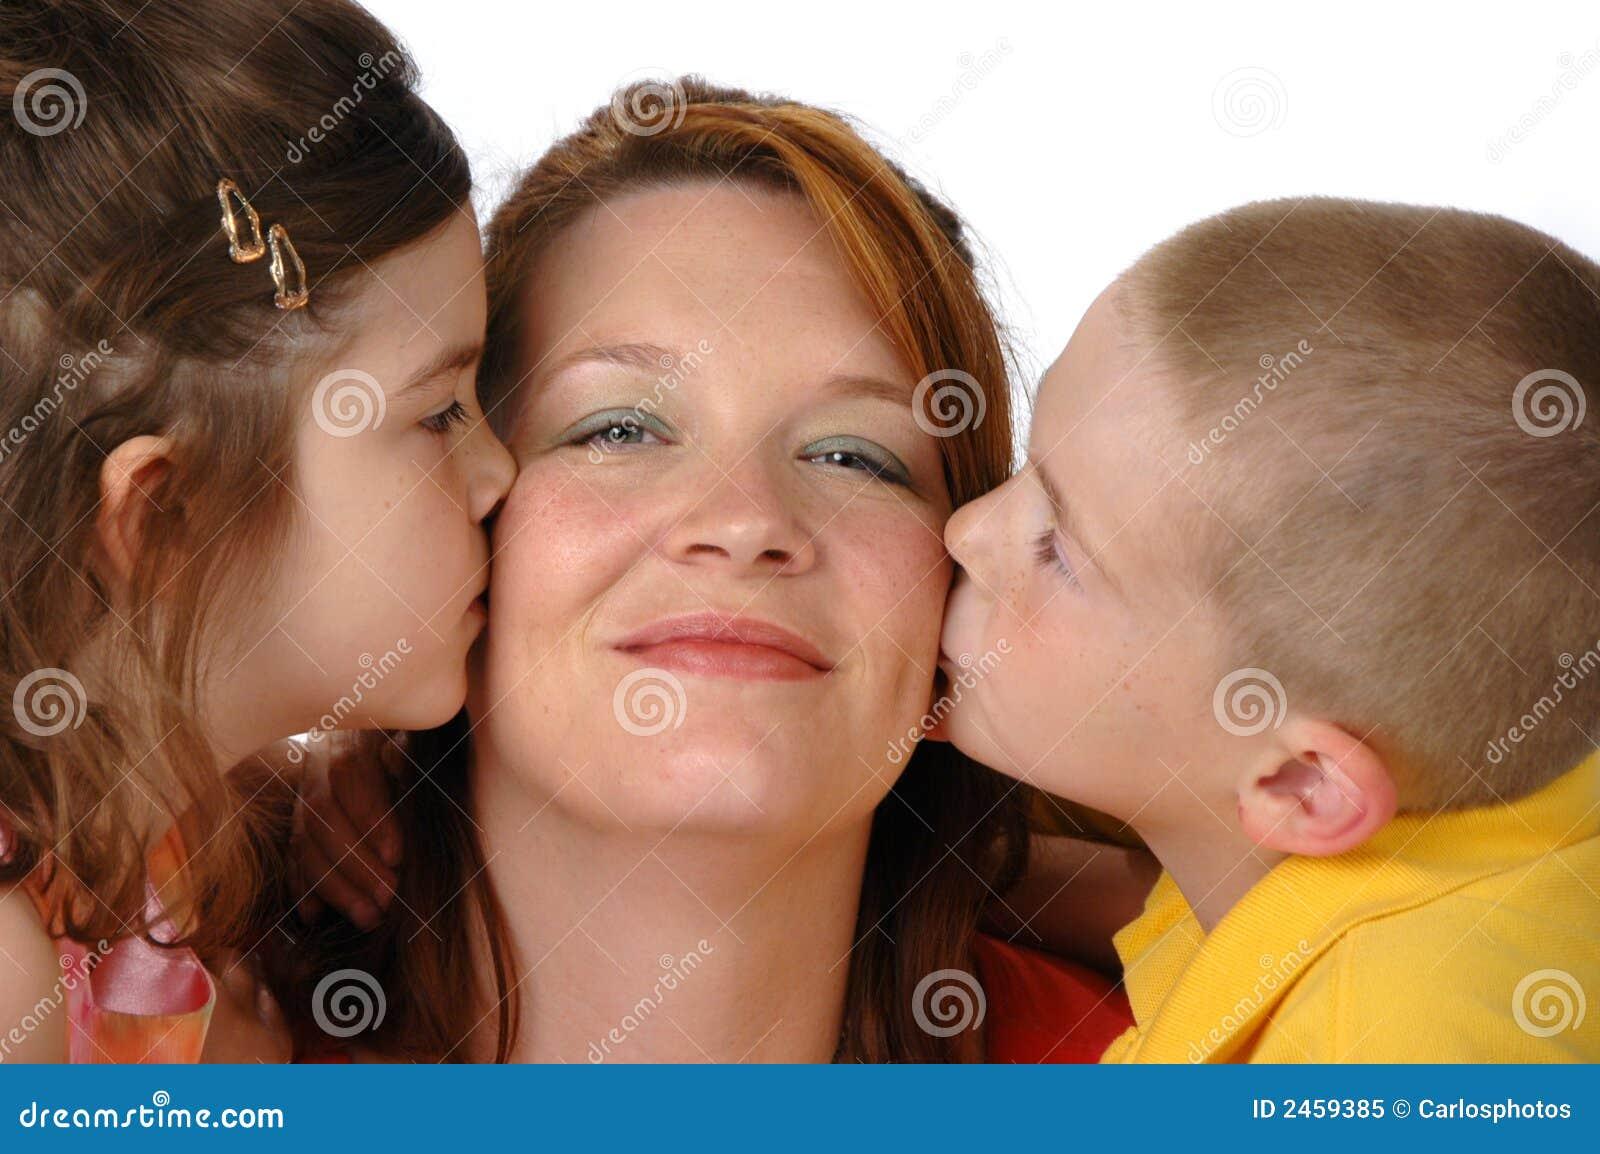 Фото дочка лижит матери, Подросток лижет письку мамочке и трахает 18 фотография